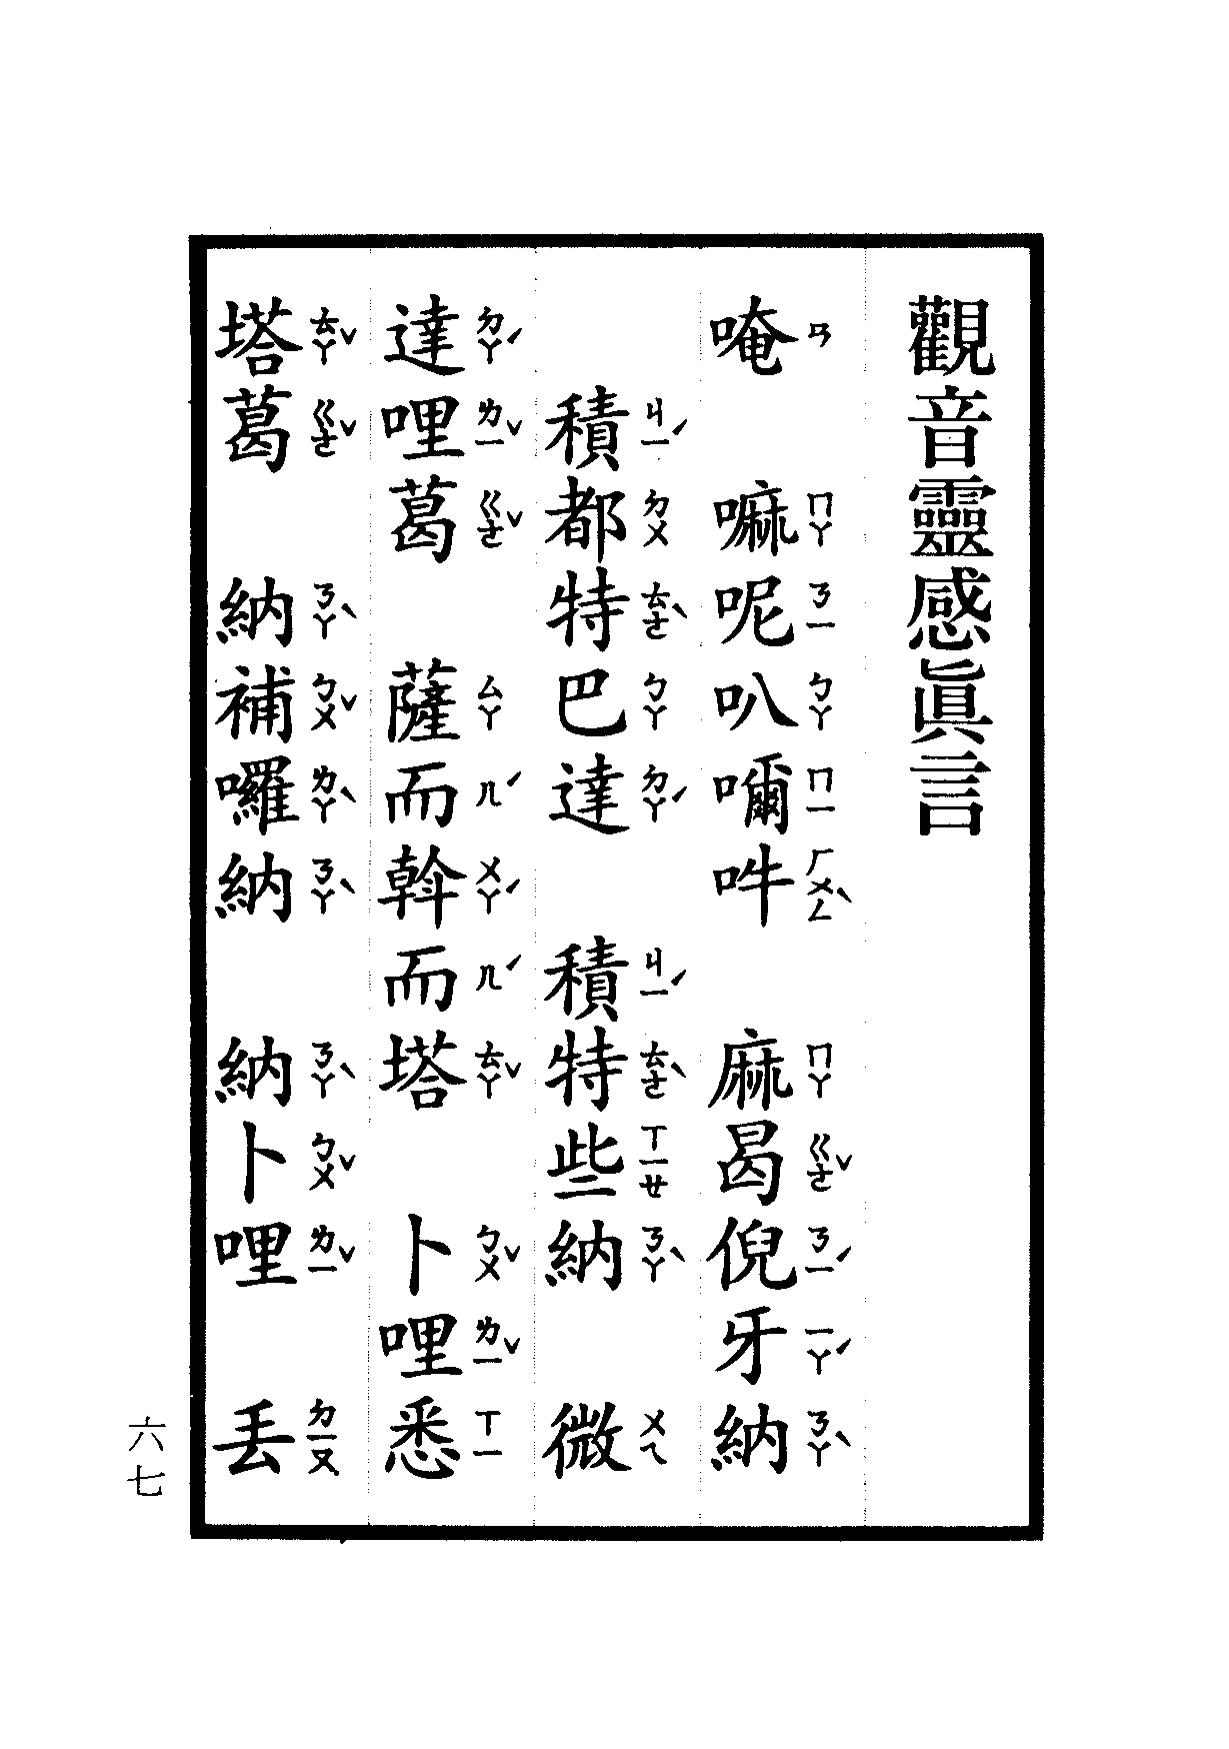 楞嚴咒-大悲咒-十小咒-易背本 73.png